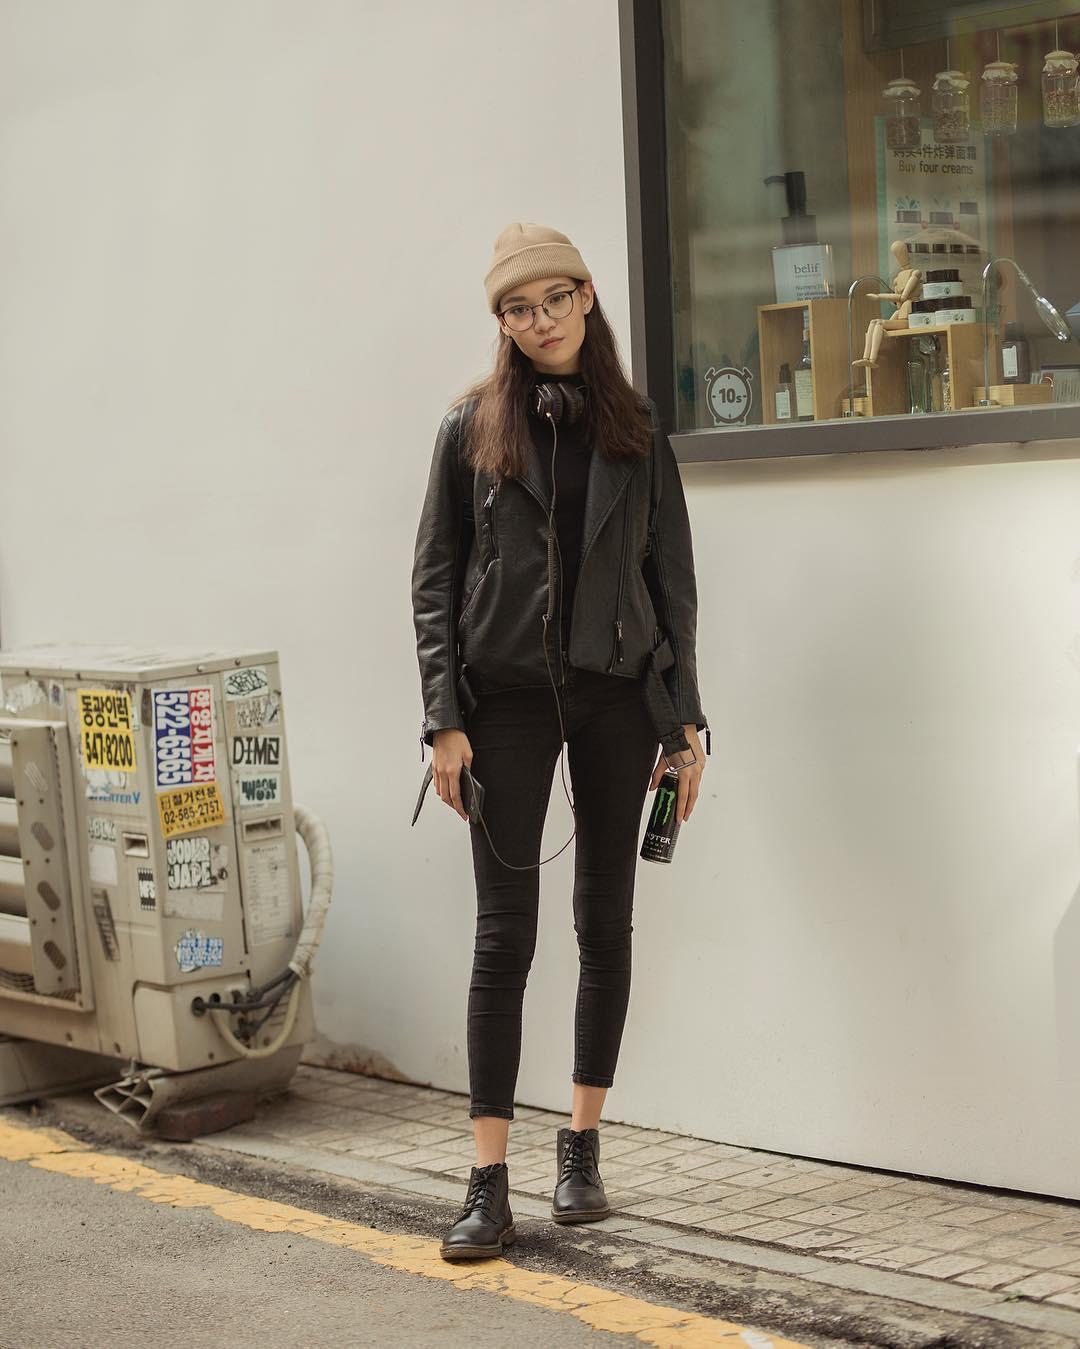 Street style giới trẻ Hàn tuần qua chứng minh: mix đồ đơn giản, thoải mái luôn là đẹp và cool nhất - Ảnh 5.